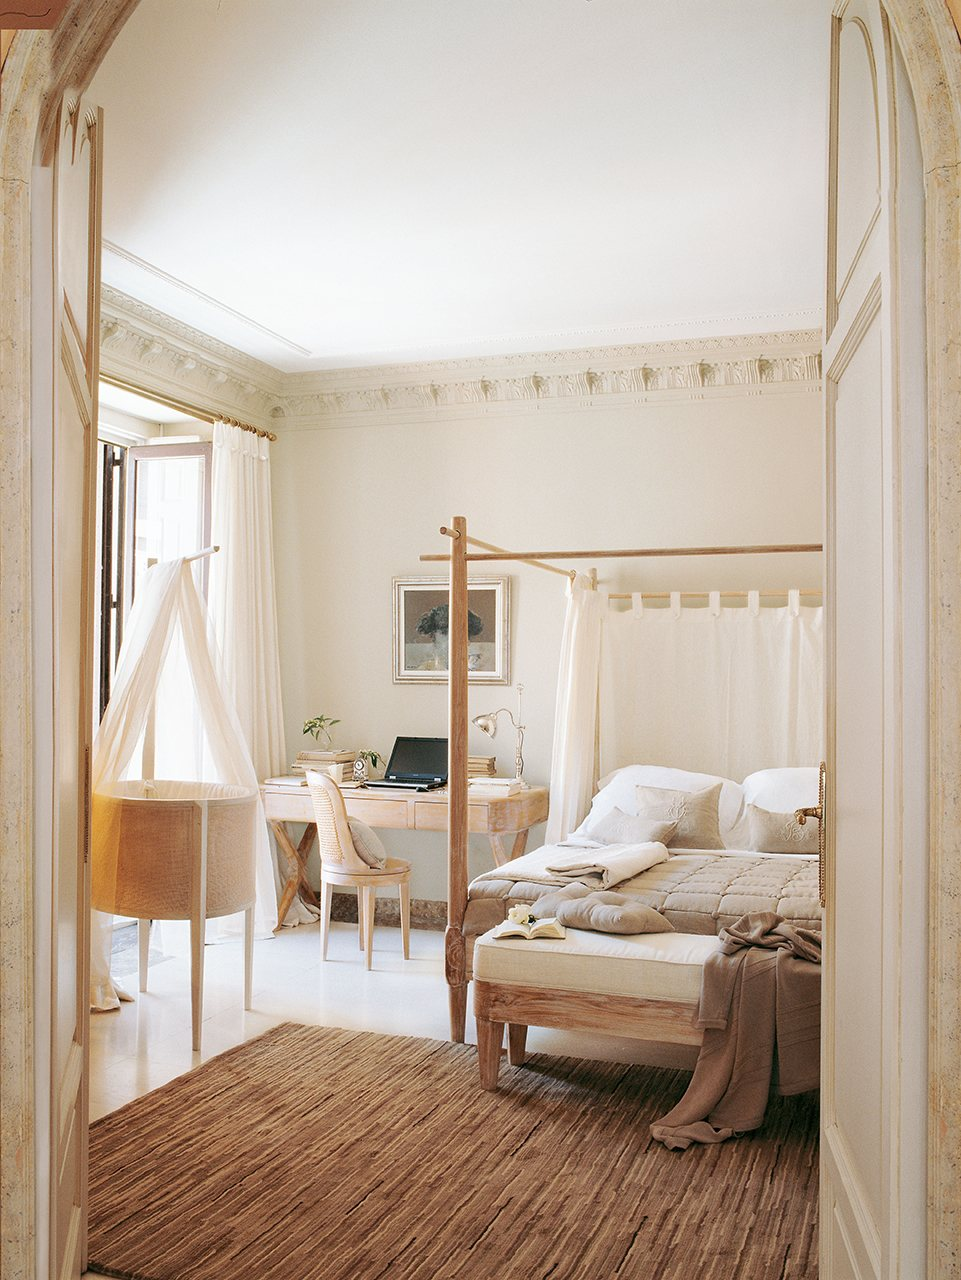 Los 10 dormitorios m s bonitos del a o - Cama con dosel ...